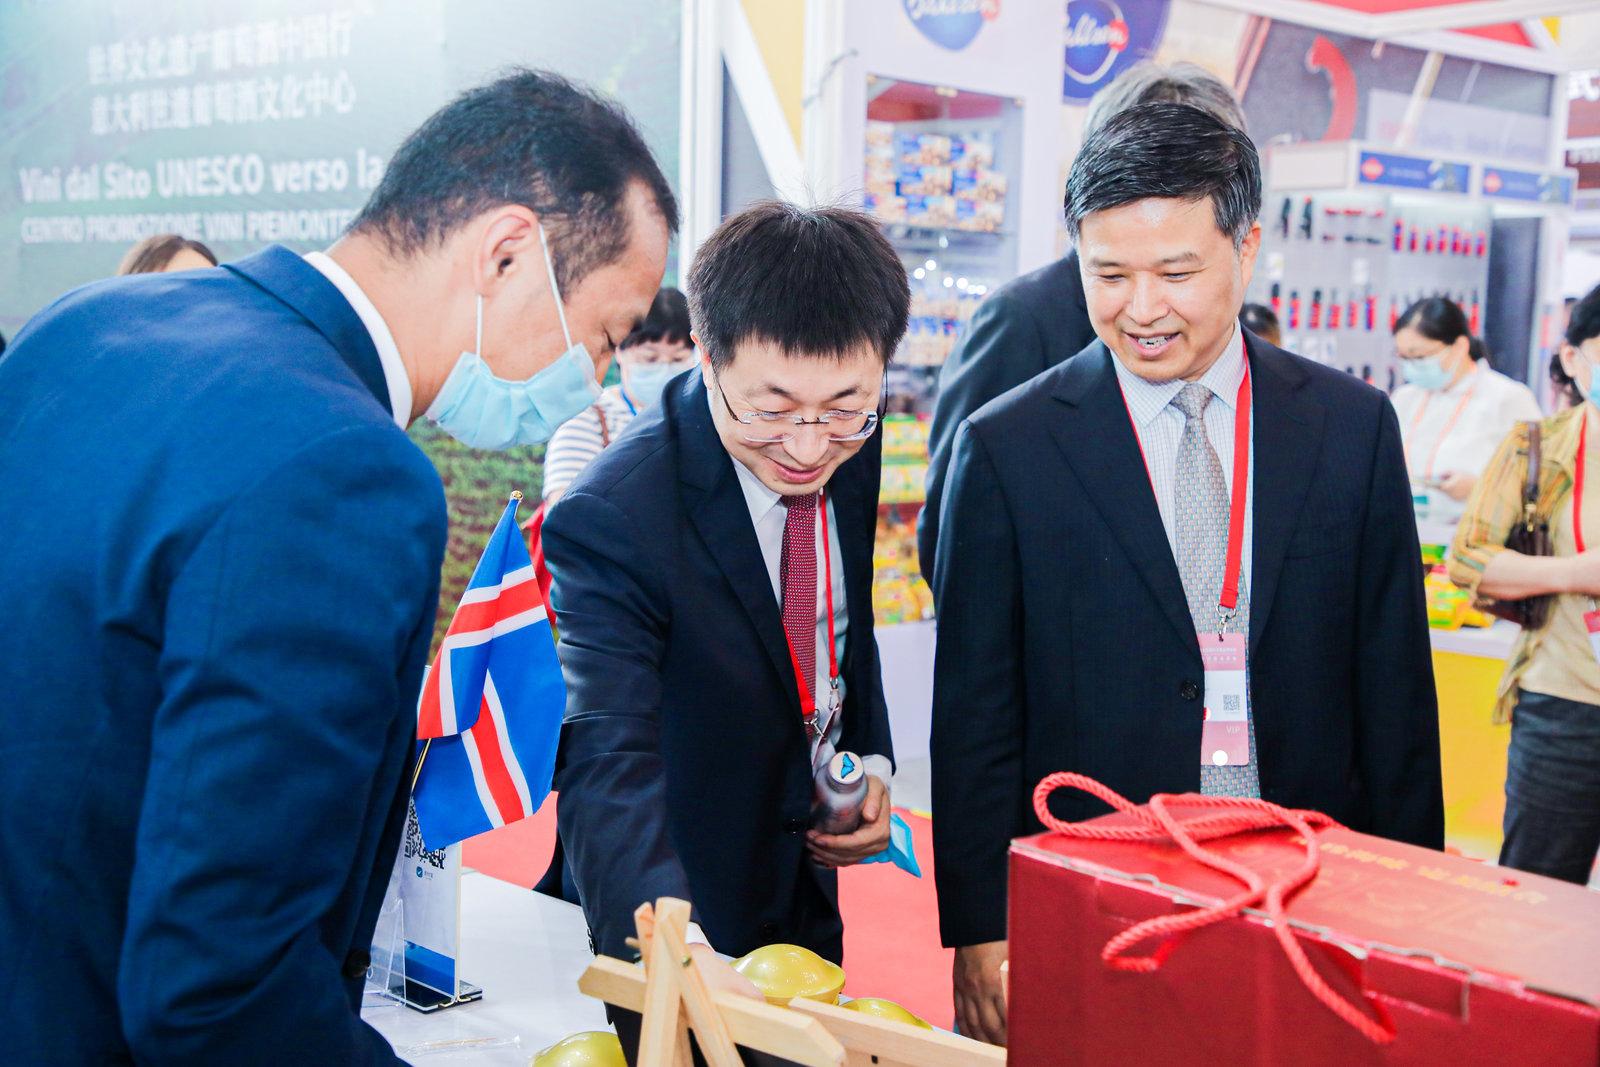 势聚浙江 商汇天下 ——2021浙江国际进口商品海淘汇 在甬盛大开幕